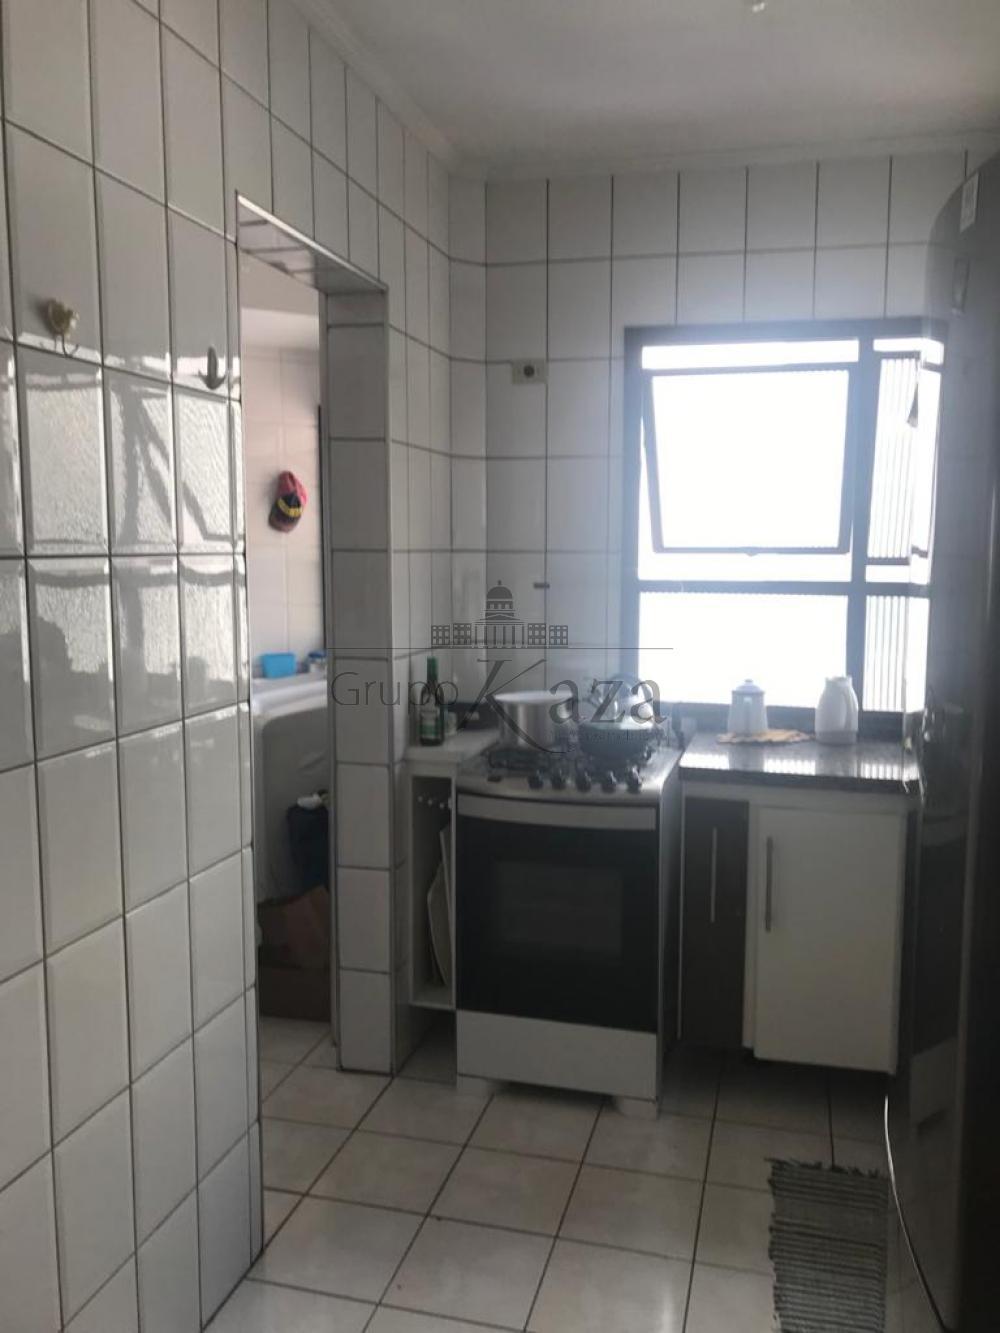 alt='Comprar Apartamento / Padrão em São José dos Campos R$ 595.000,00 - Foto 4' title='Comprar Apartamento / Padrão em São José dos Campos R$ 595.000,00 - Foto 4'